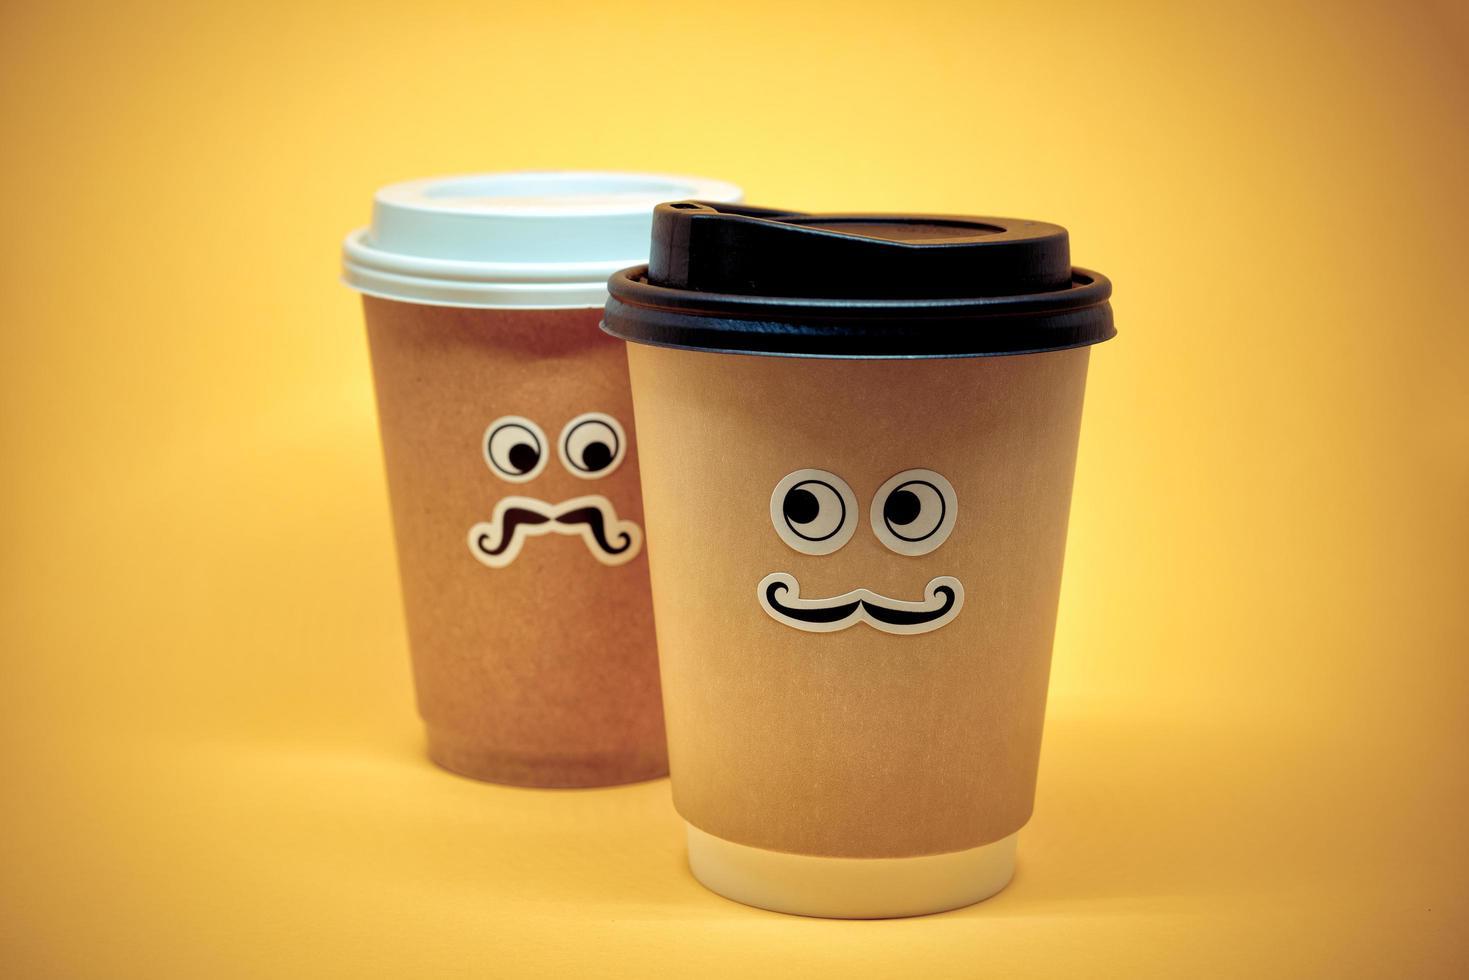 tasses à café à la recherche suspecte photo